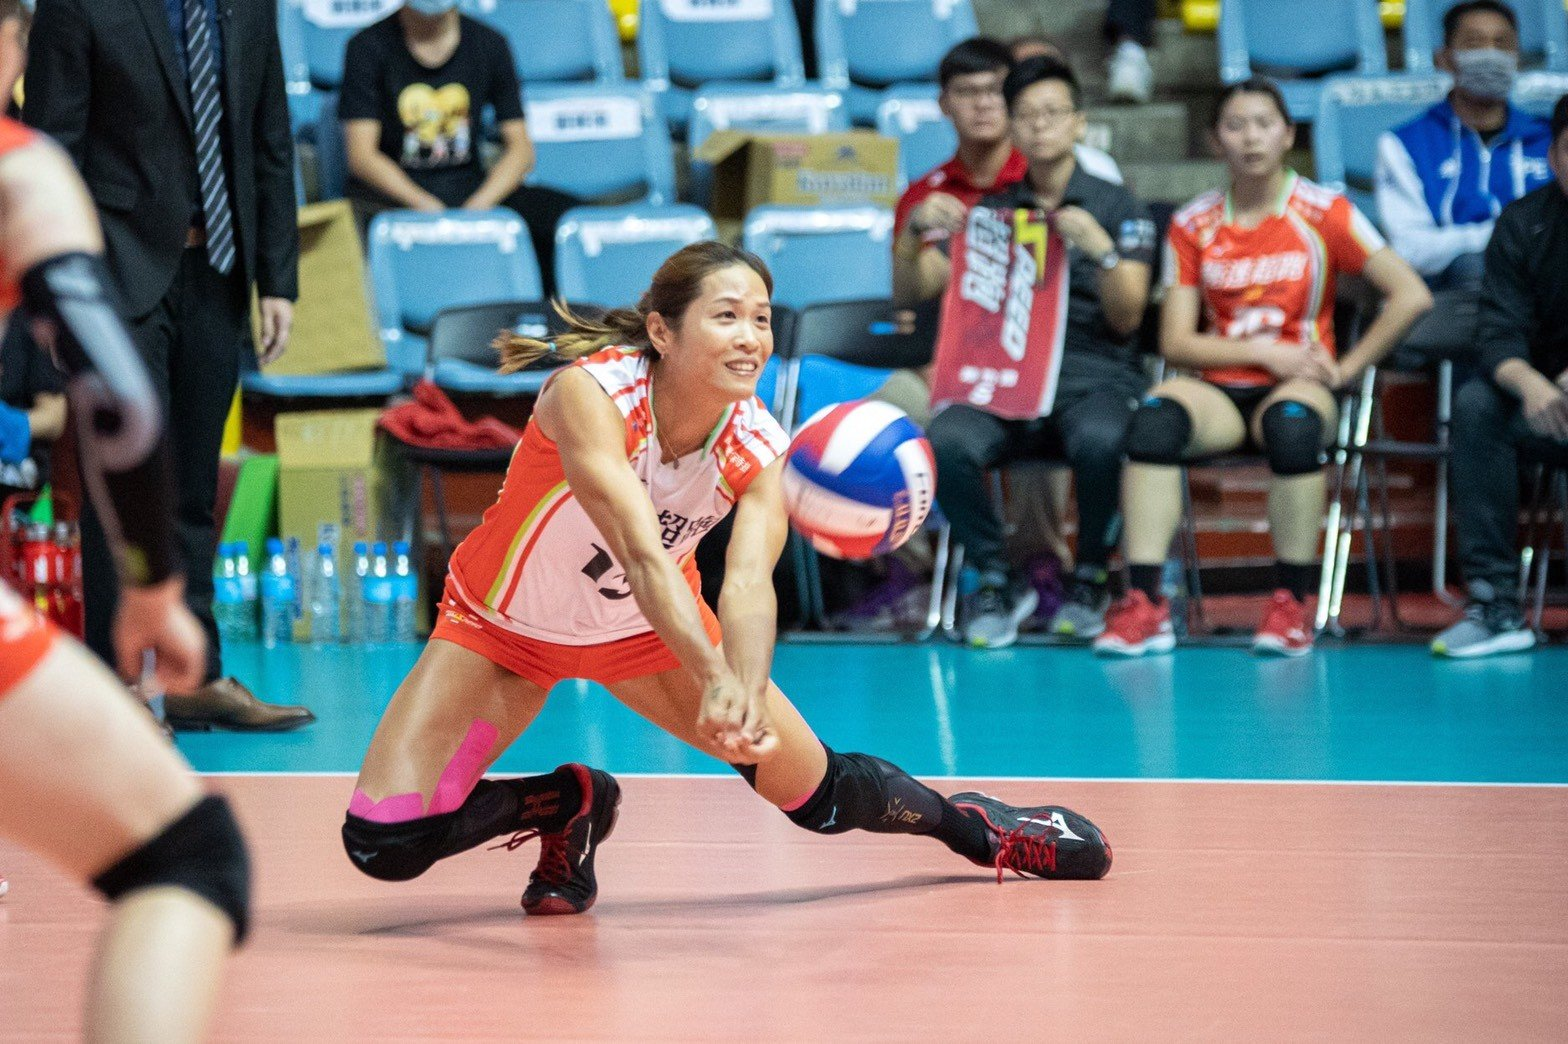 顧乃涵於極速超跑女子排球隊